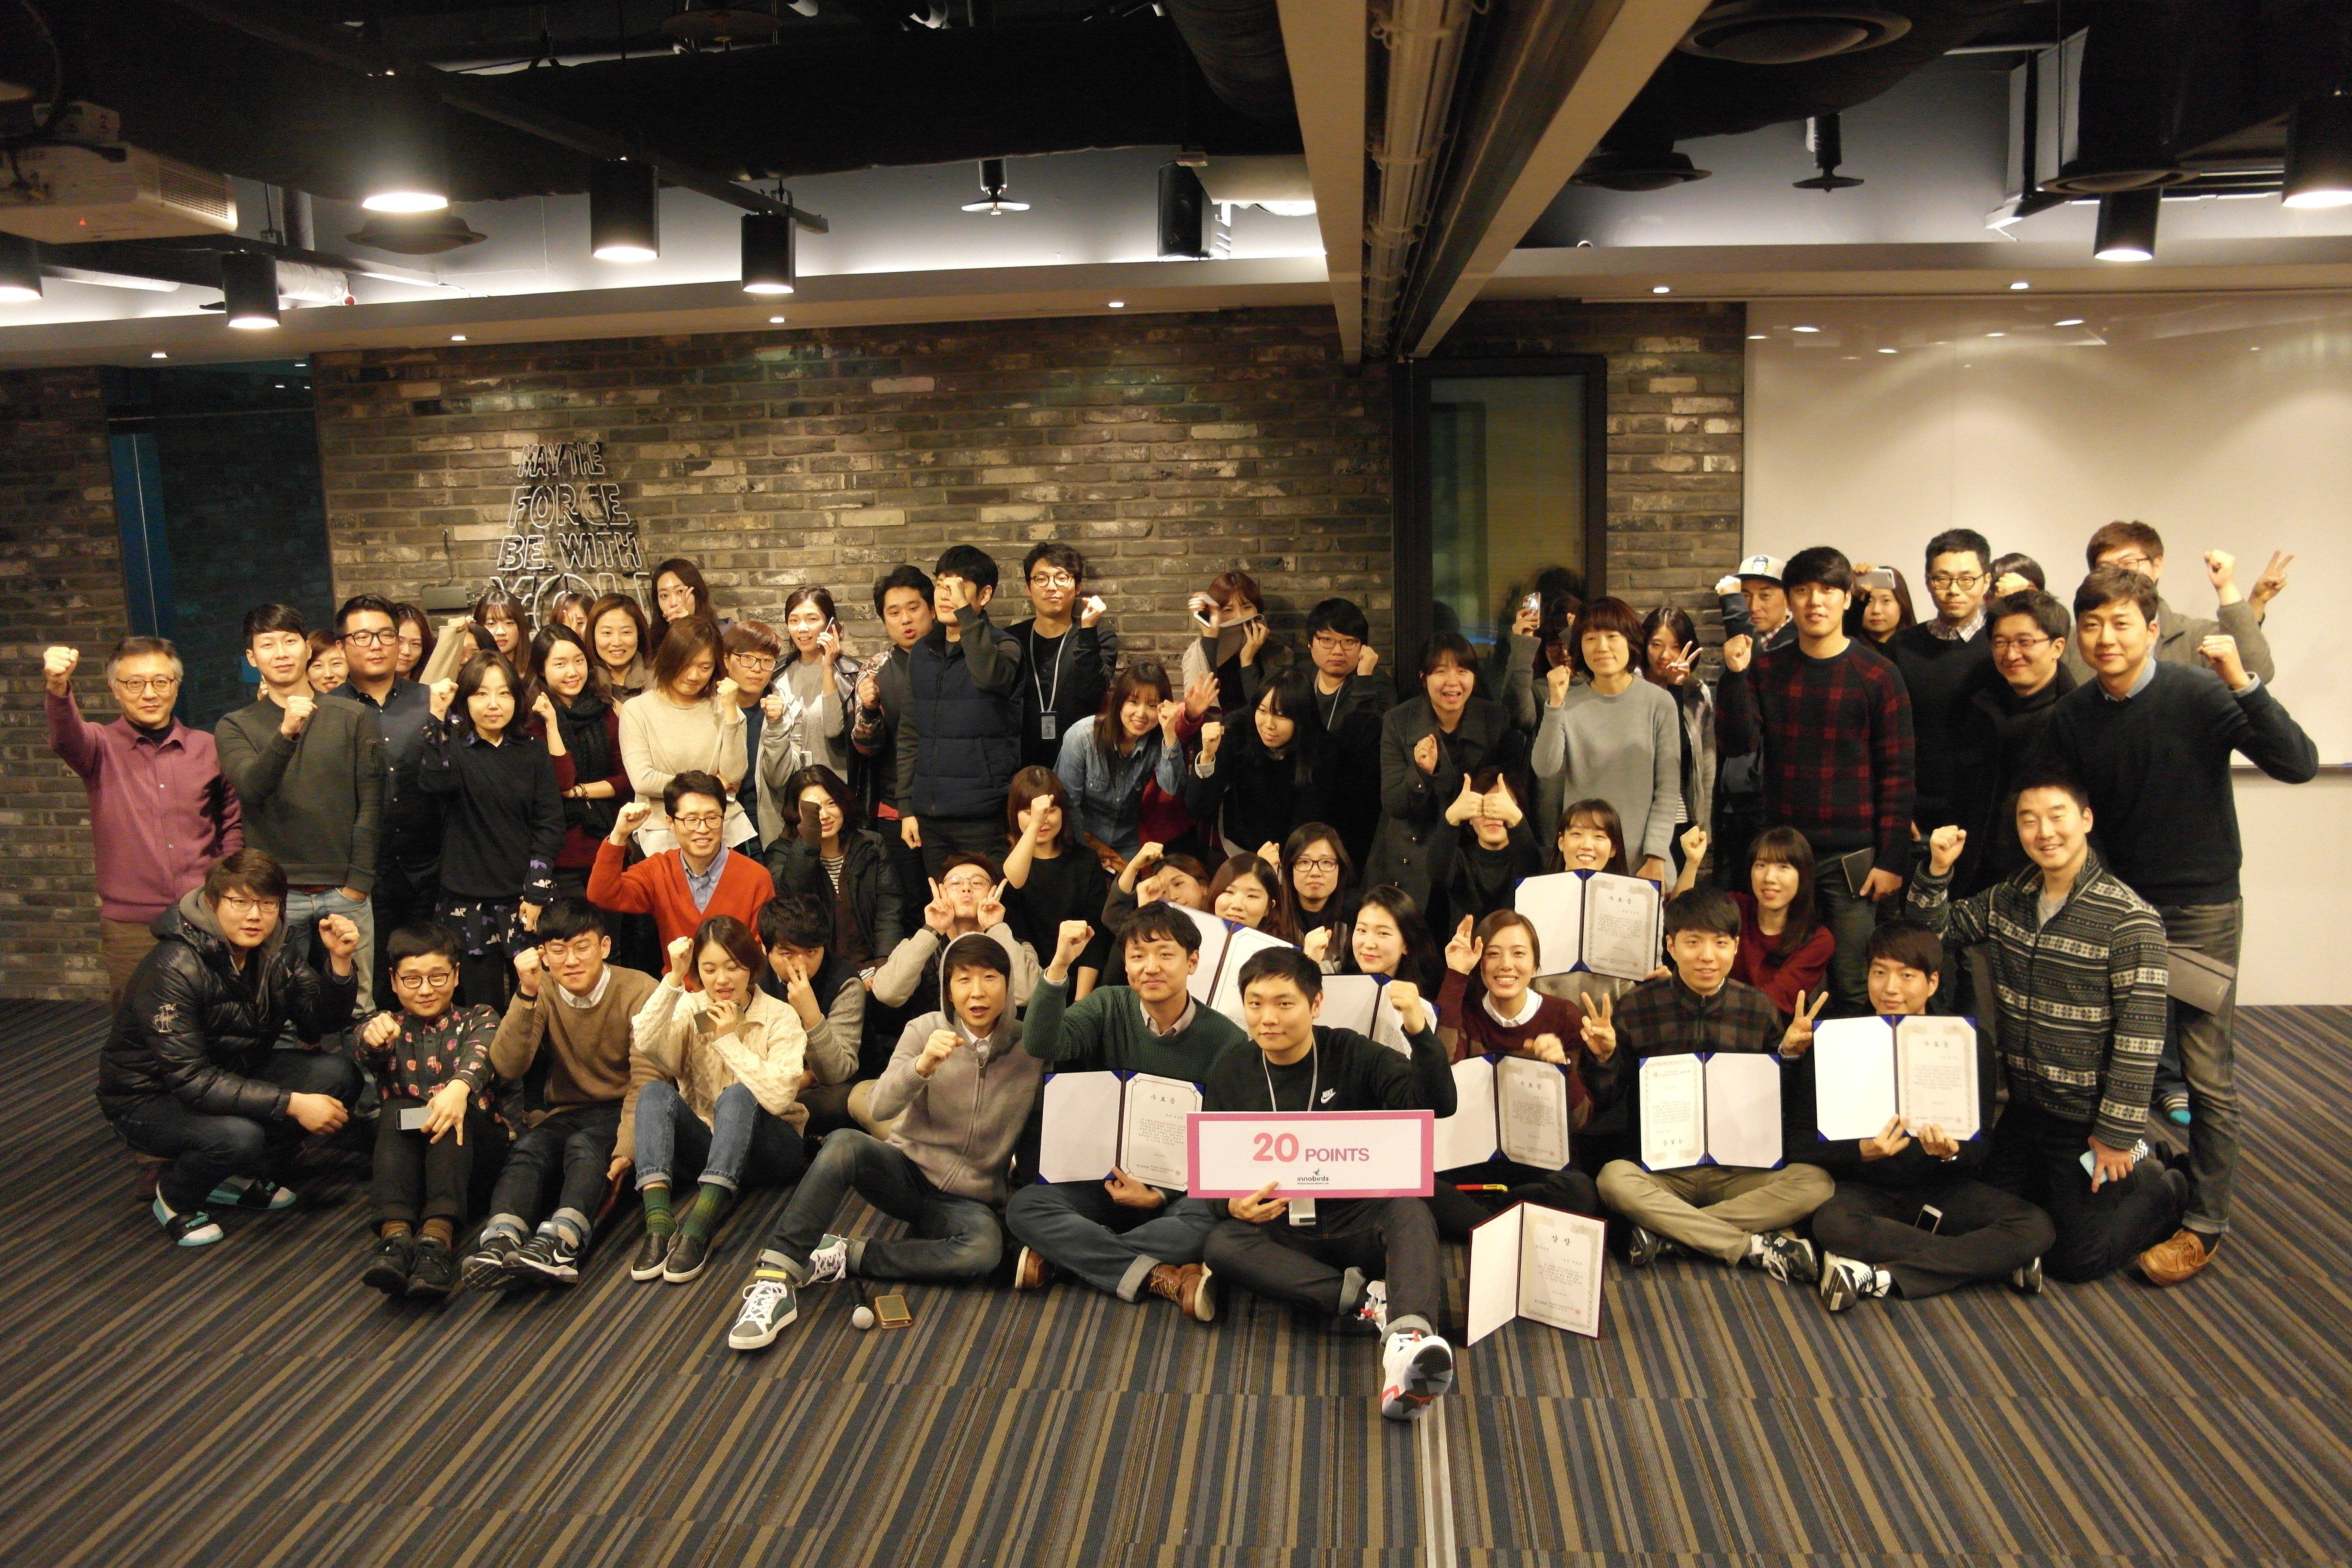 2015-02-02 신입사원 최종발표 및 수료식